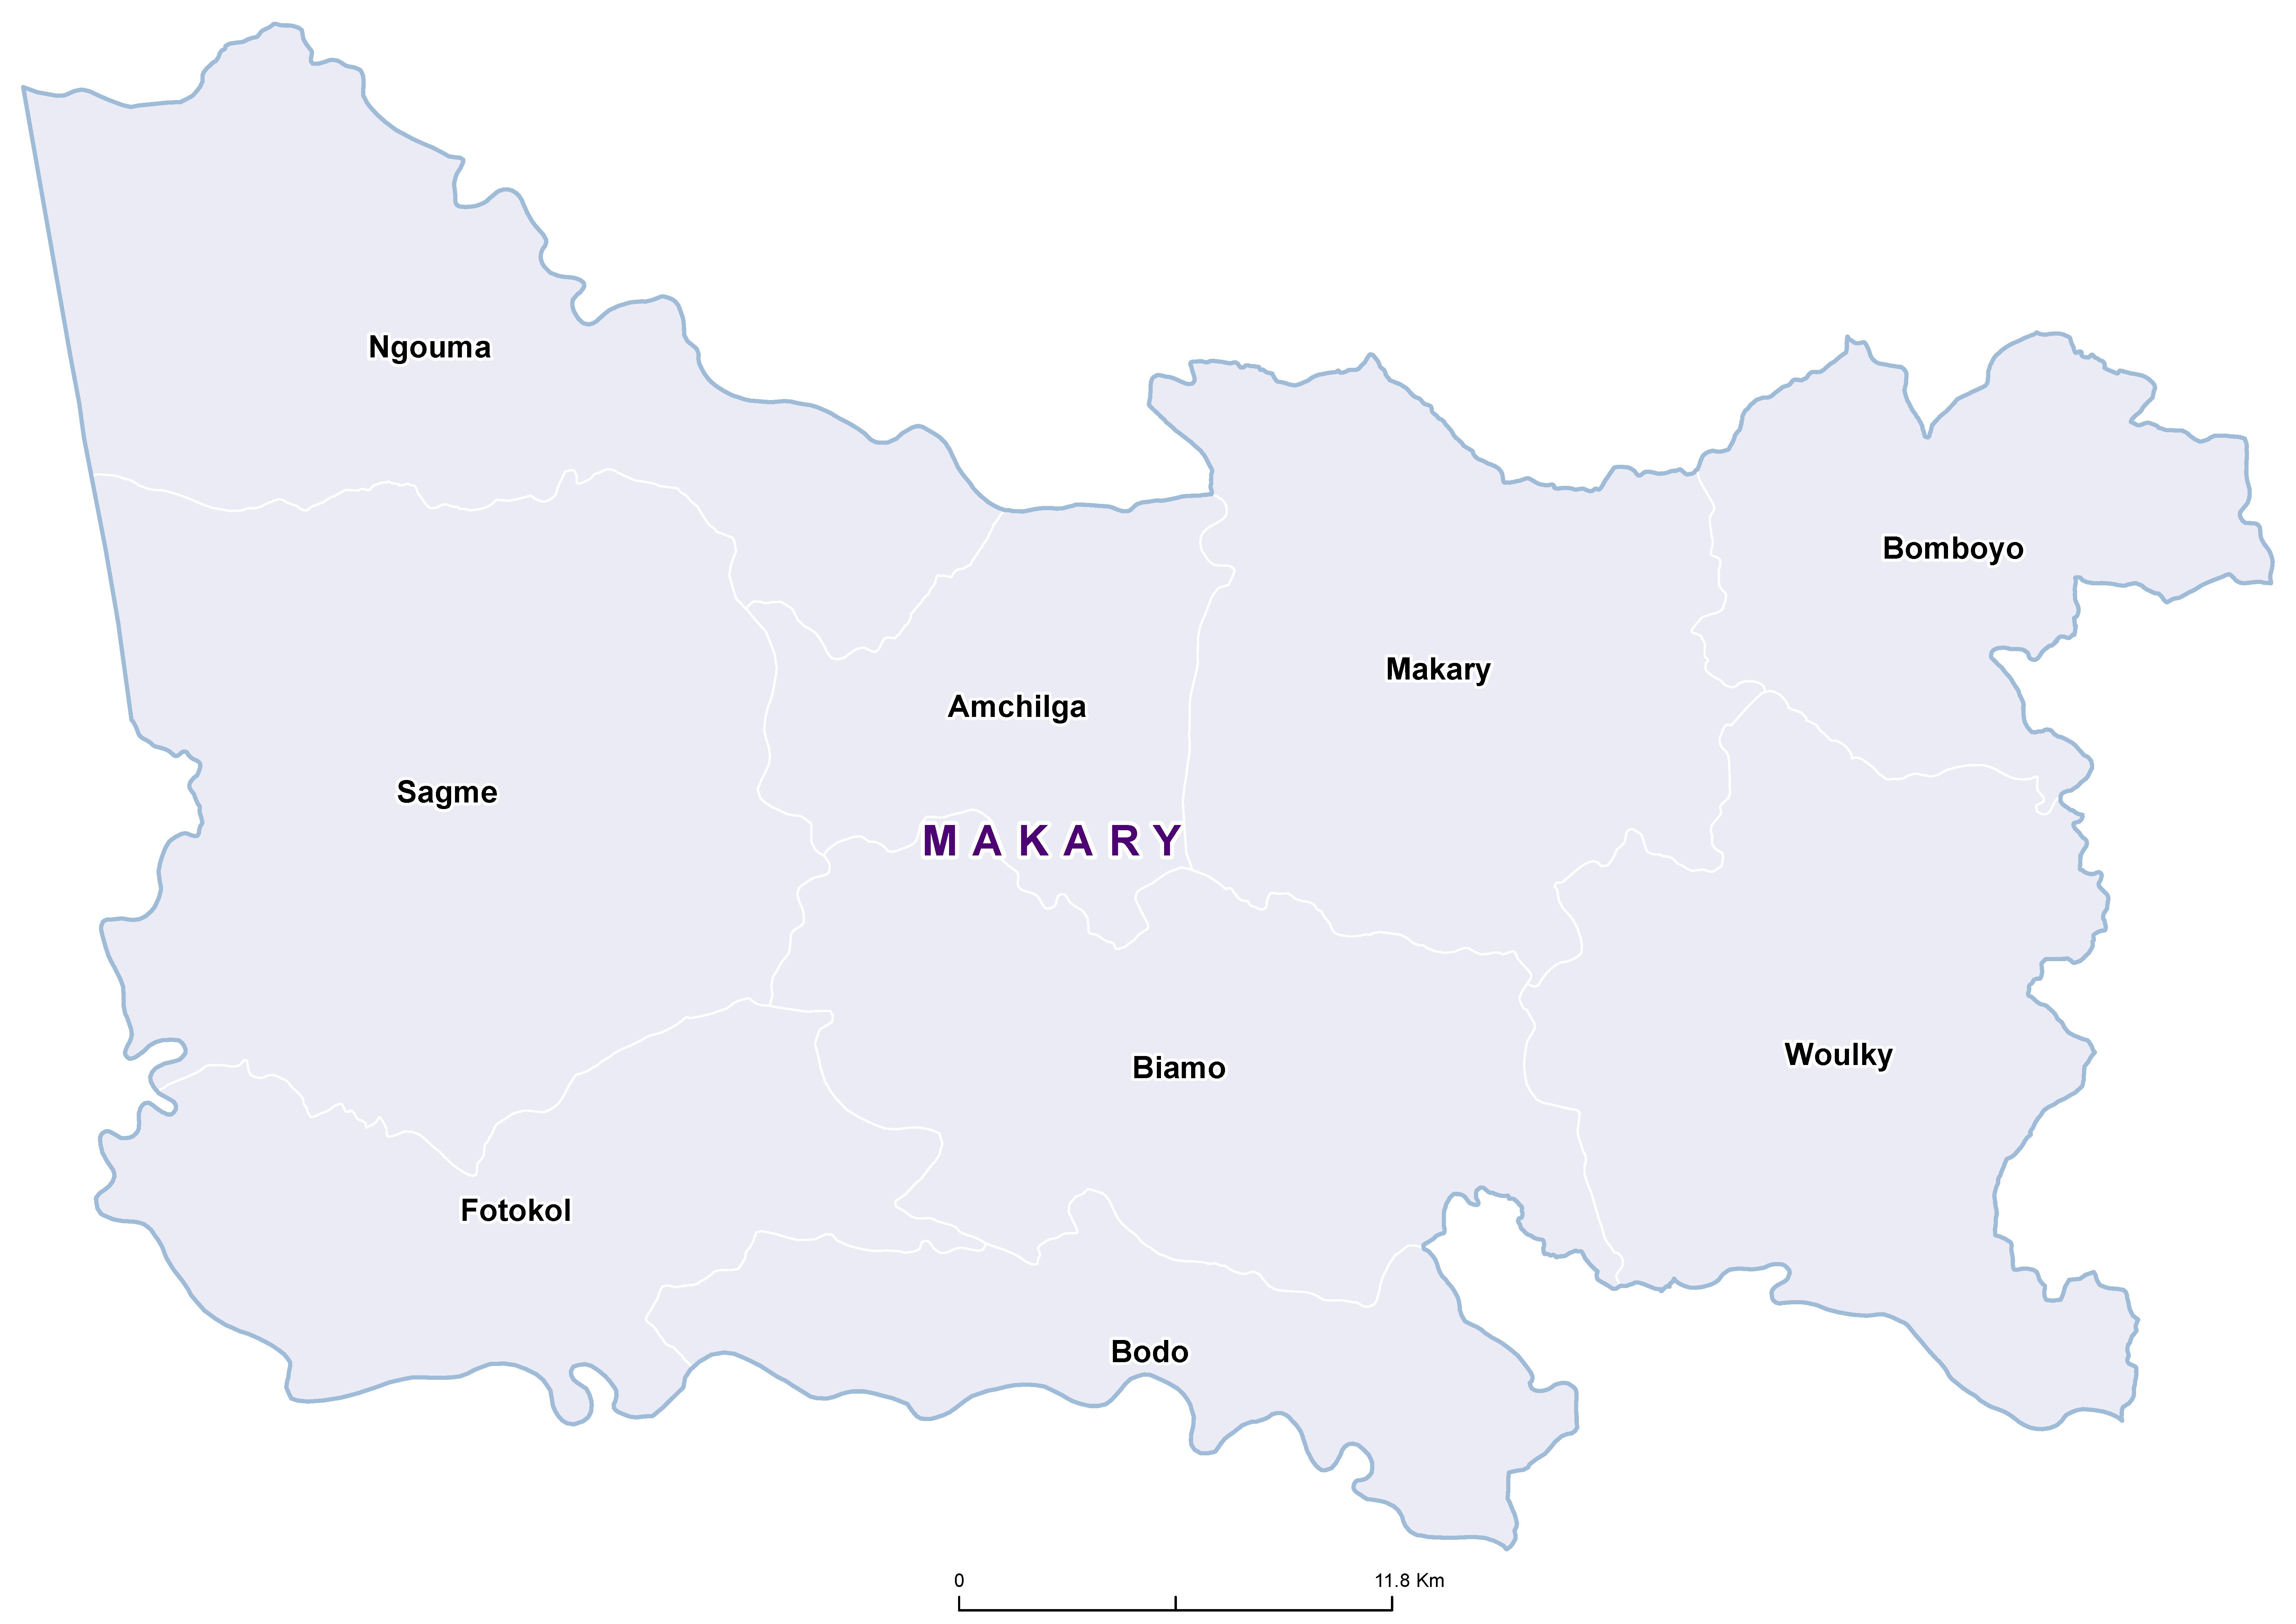 Makary STH 20180001